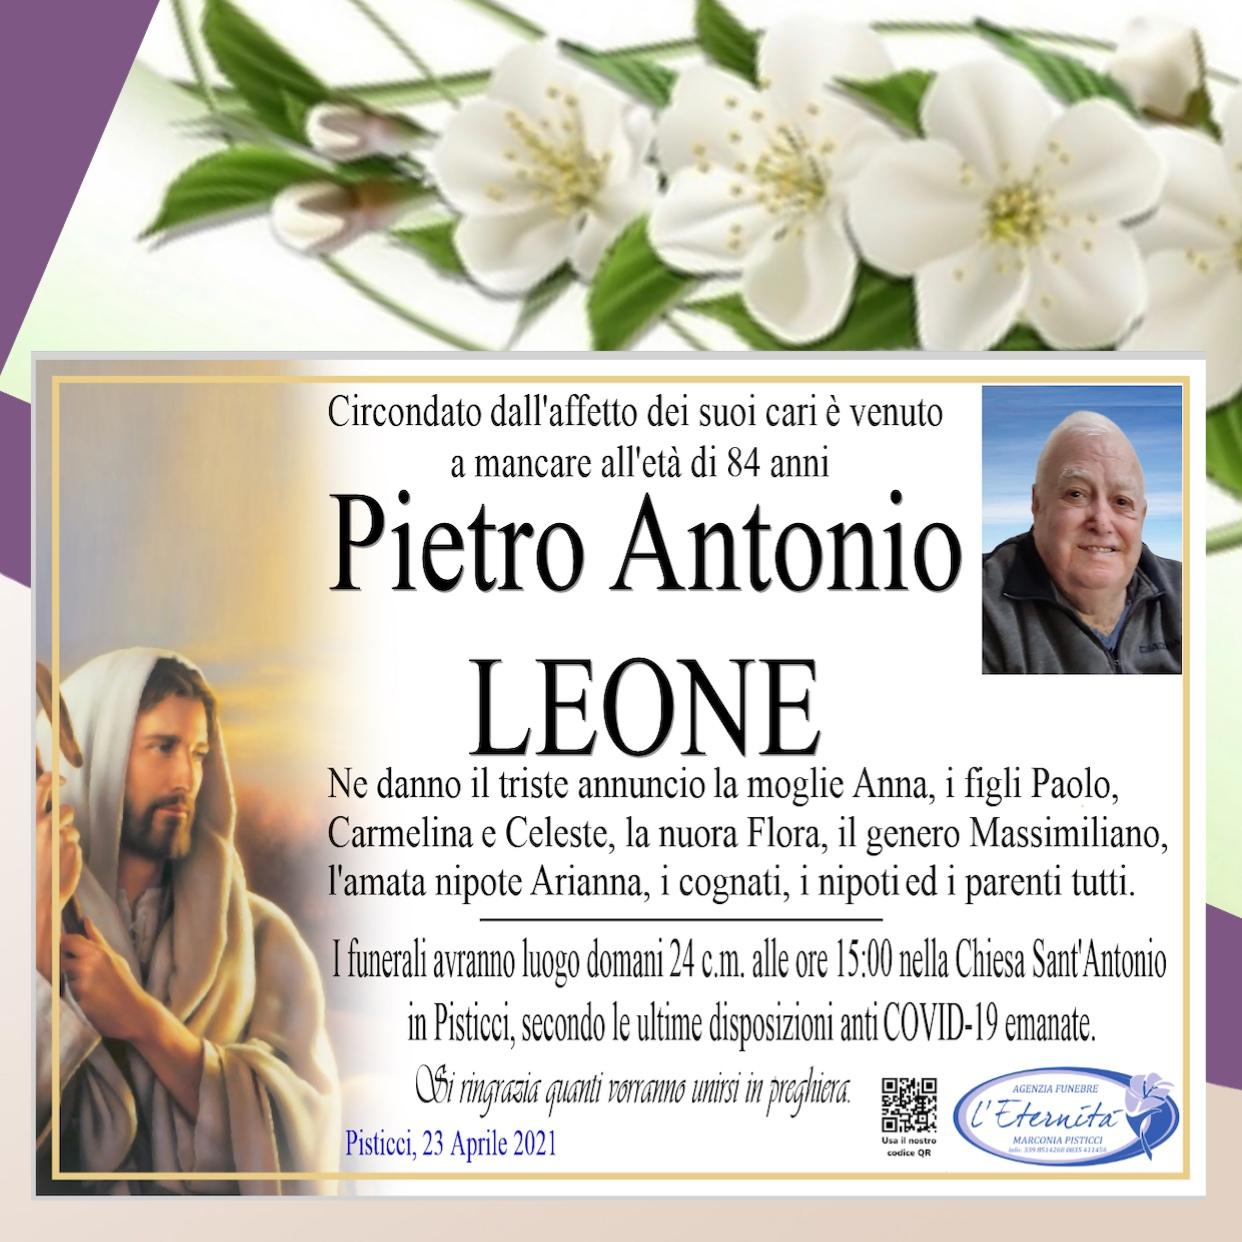 Pietro Antonio LEONE